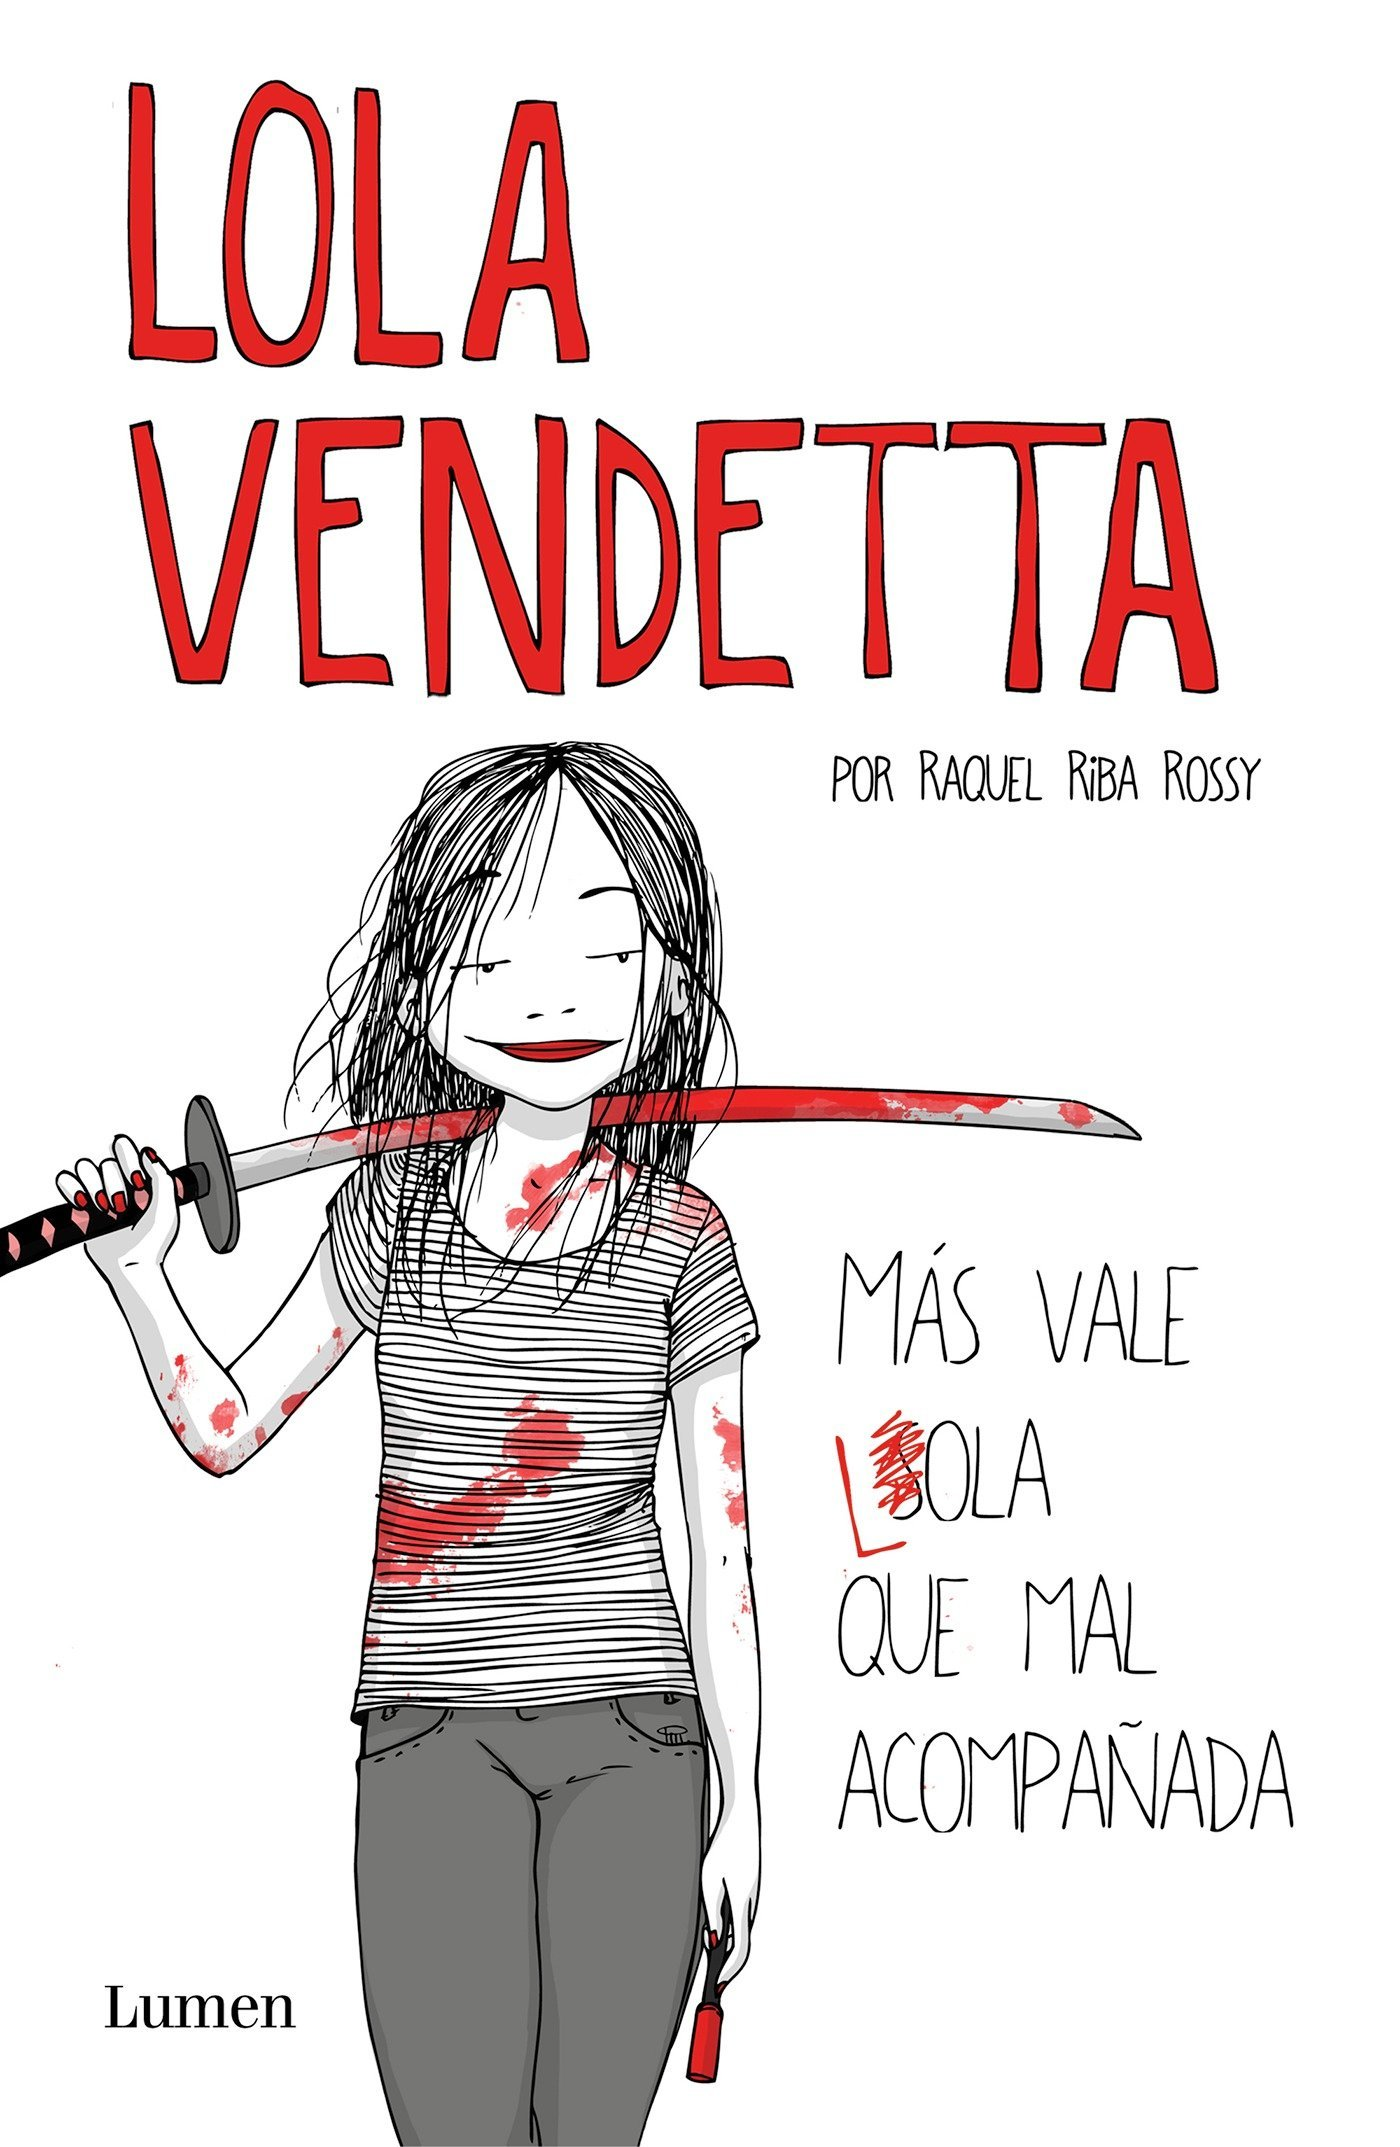 Lola Vendetta. Más vale Lola que mal acompañada Lumen Gráfica: Amazon.es: Riba Rossy, Raquel: Libros